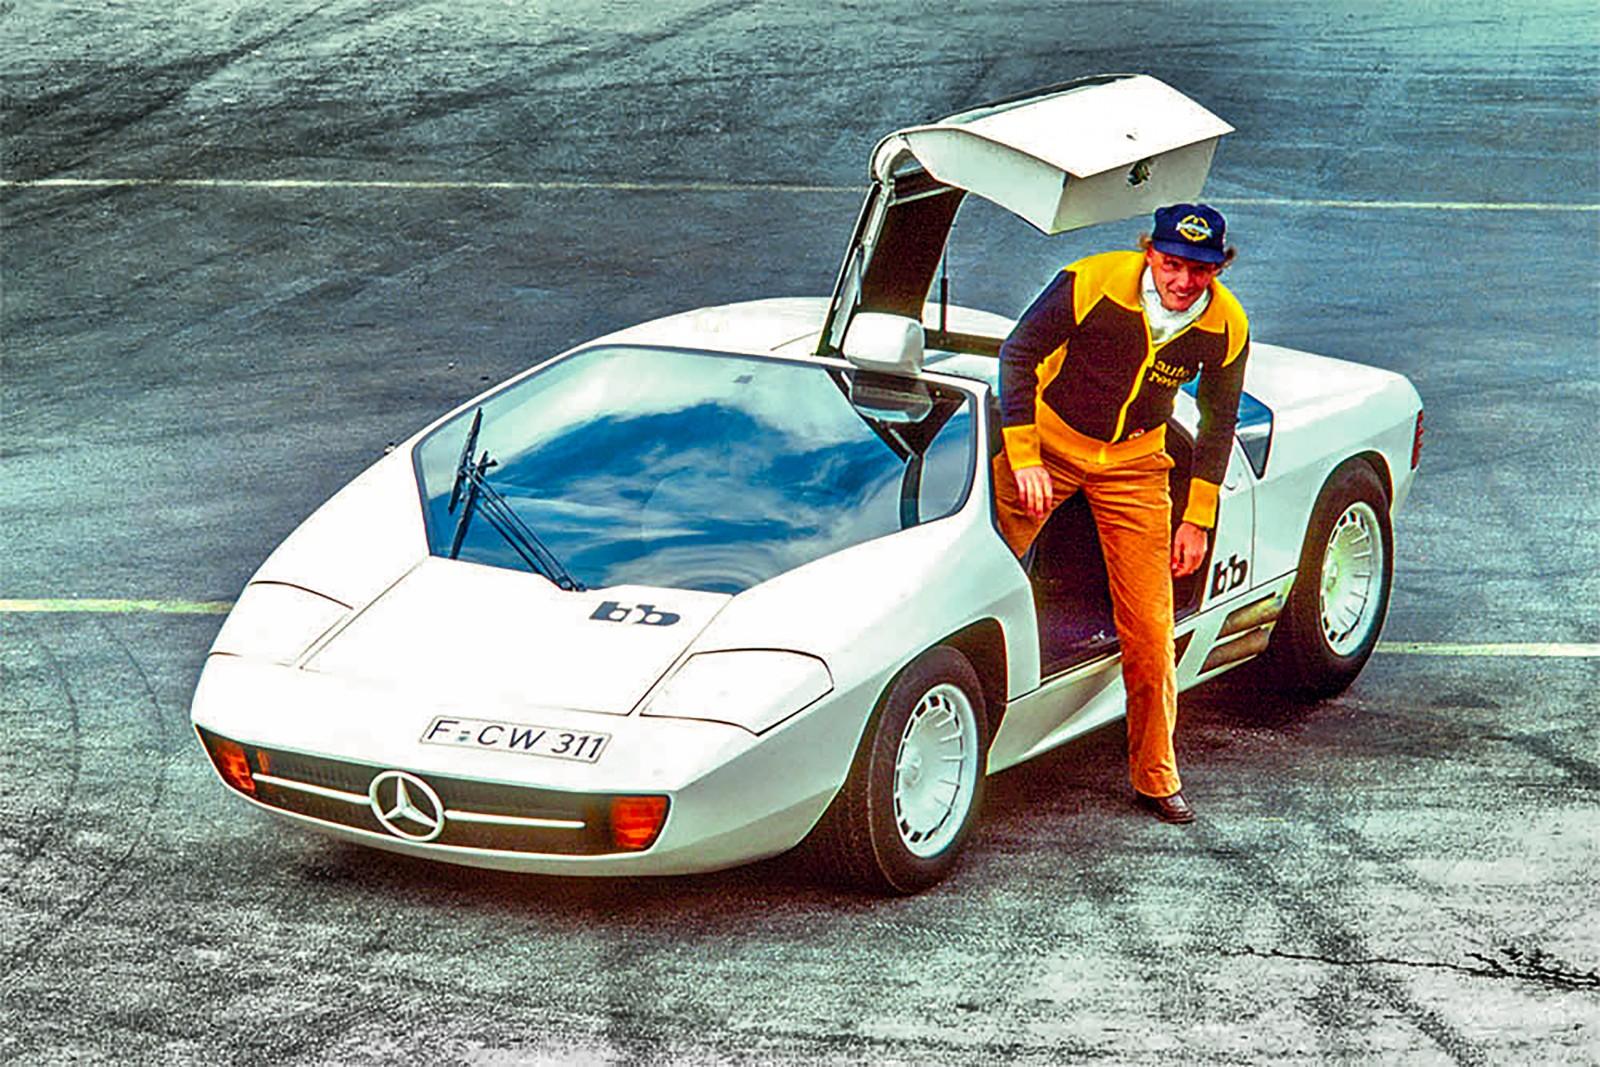 """CW 311, ibland även kallad för BB-Mercedes CW 311, byggde på komponenter från Porsche och Mercedes. Modellen presenterades 1978 och utvecklades av Eberhard Schulz och Rainer Buchmann som till vardags drev den berömda tuningföretaget """"bb"""". På bilden poserar F1-stjärnan Niki Lauda bredvid prototypen."""